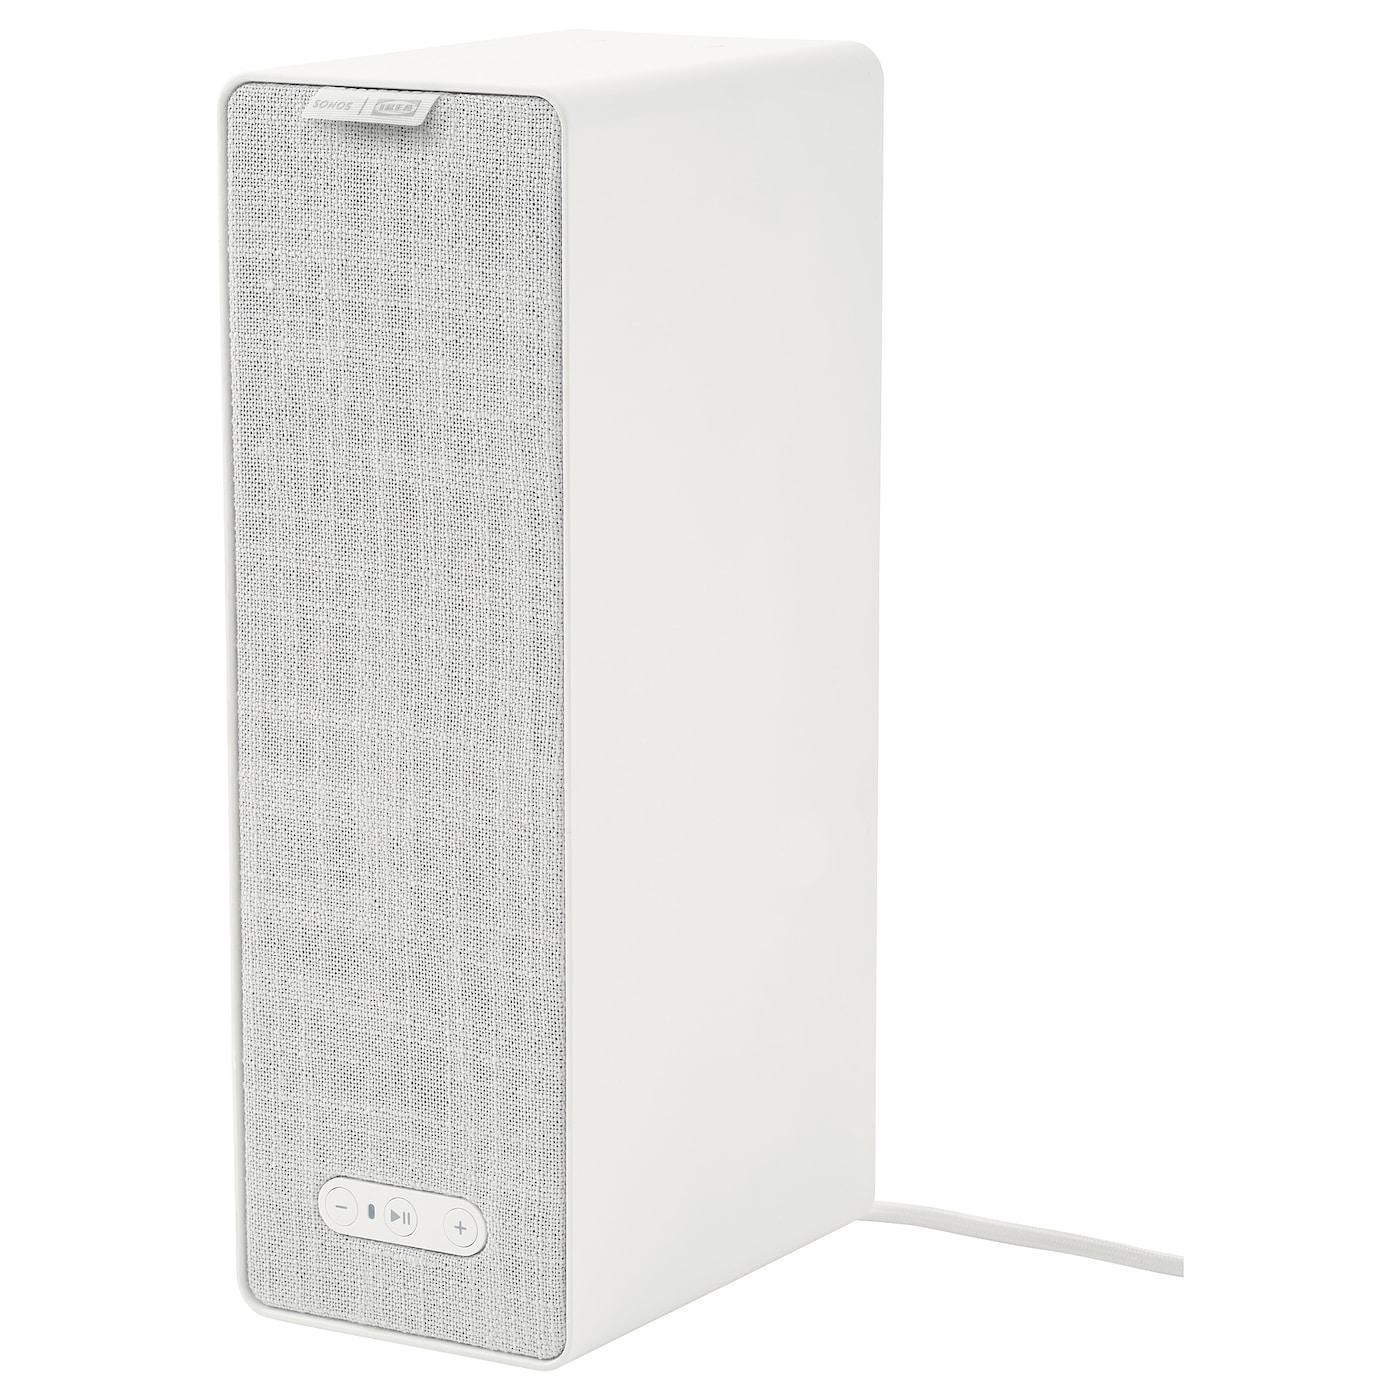 Ikea SYMFONISK WiFi bookshelf speaker, white